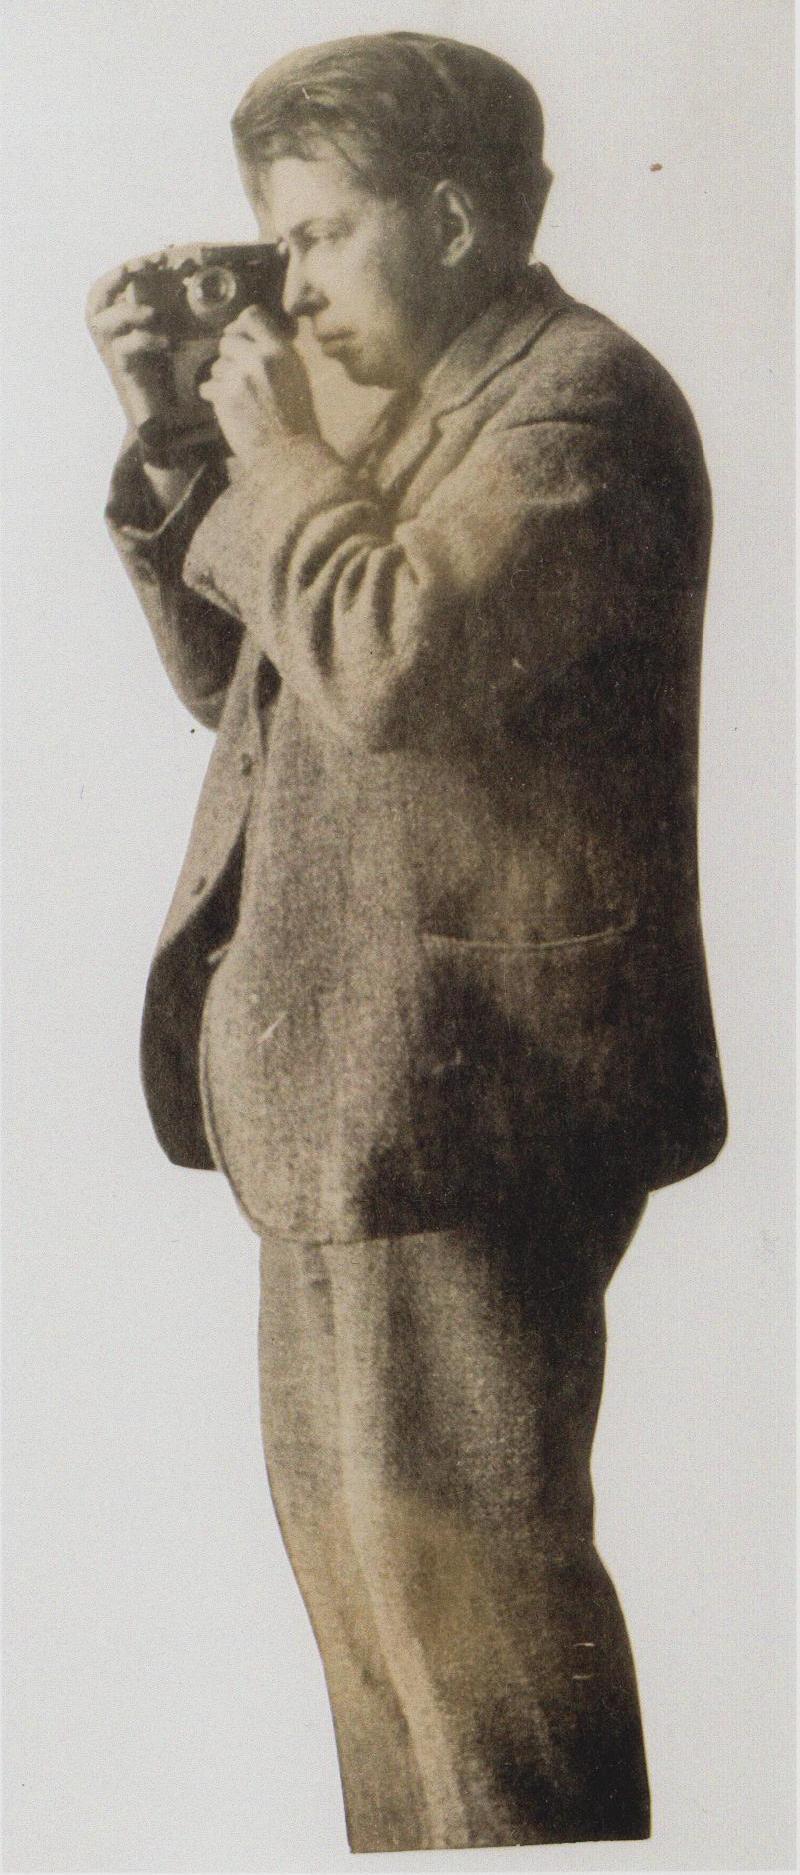 И. Г. Эренбург. Иллюстрация к книге И. Г. Эренбурга %22Мой Париж%22. 1920-е